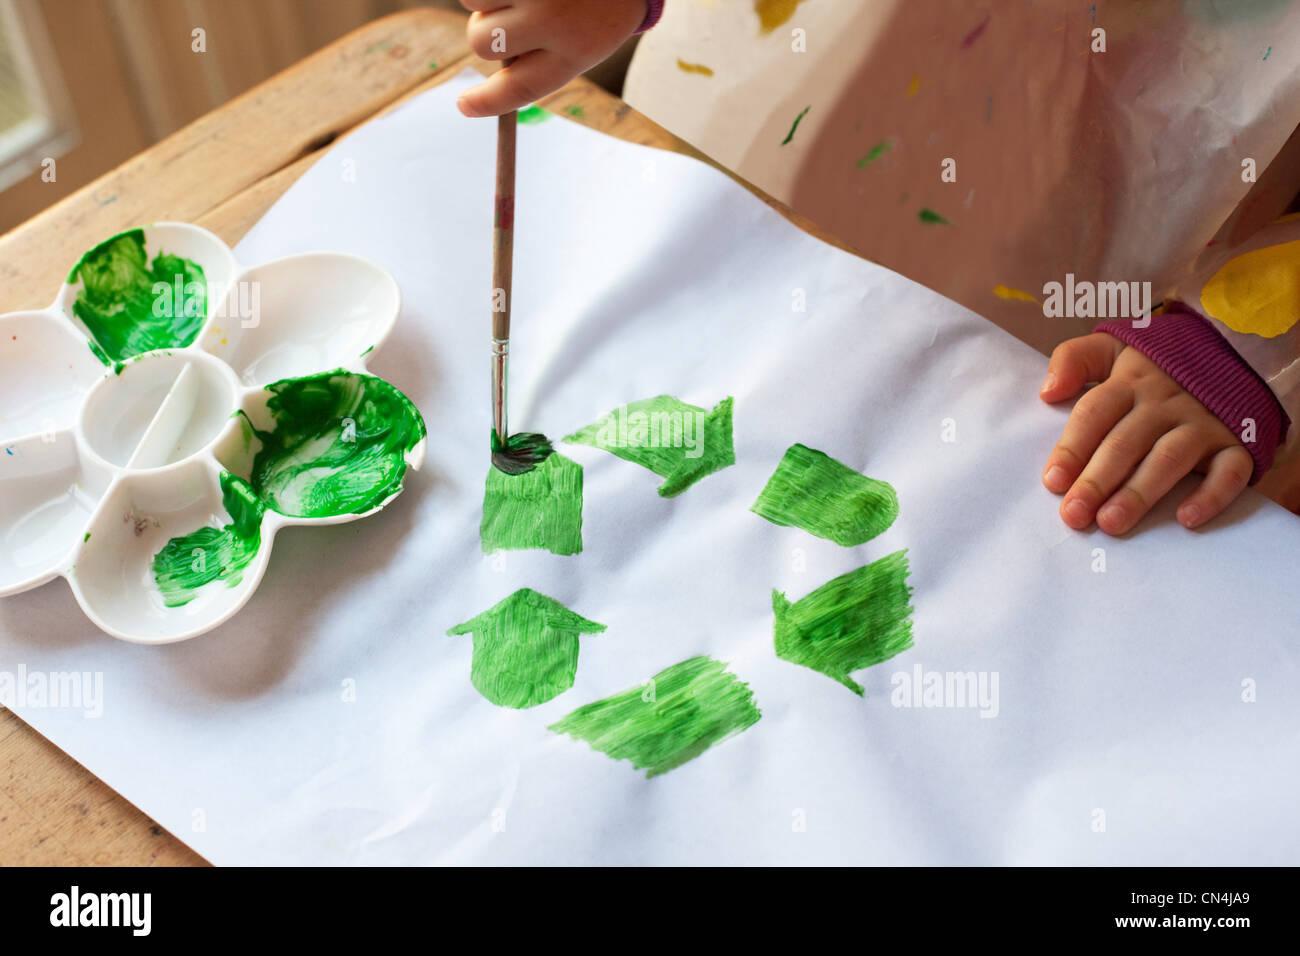 Symbole de recyclage vert peinture enfant Photo Stock